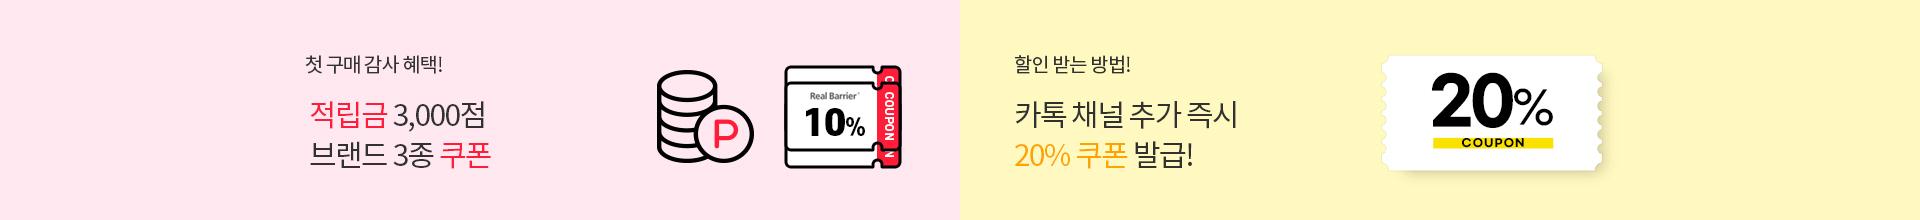 6월_메인 하단 띠배너(첫구매/카톡채널쿠폰)